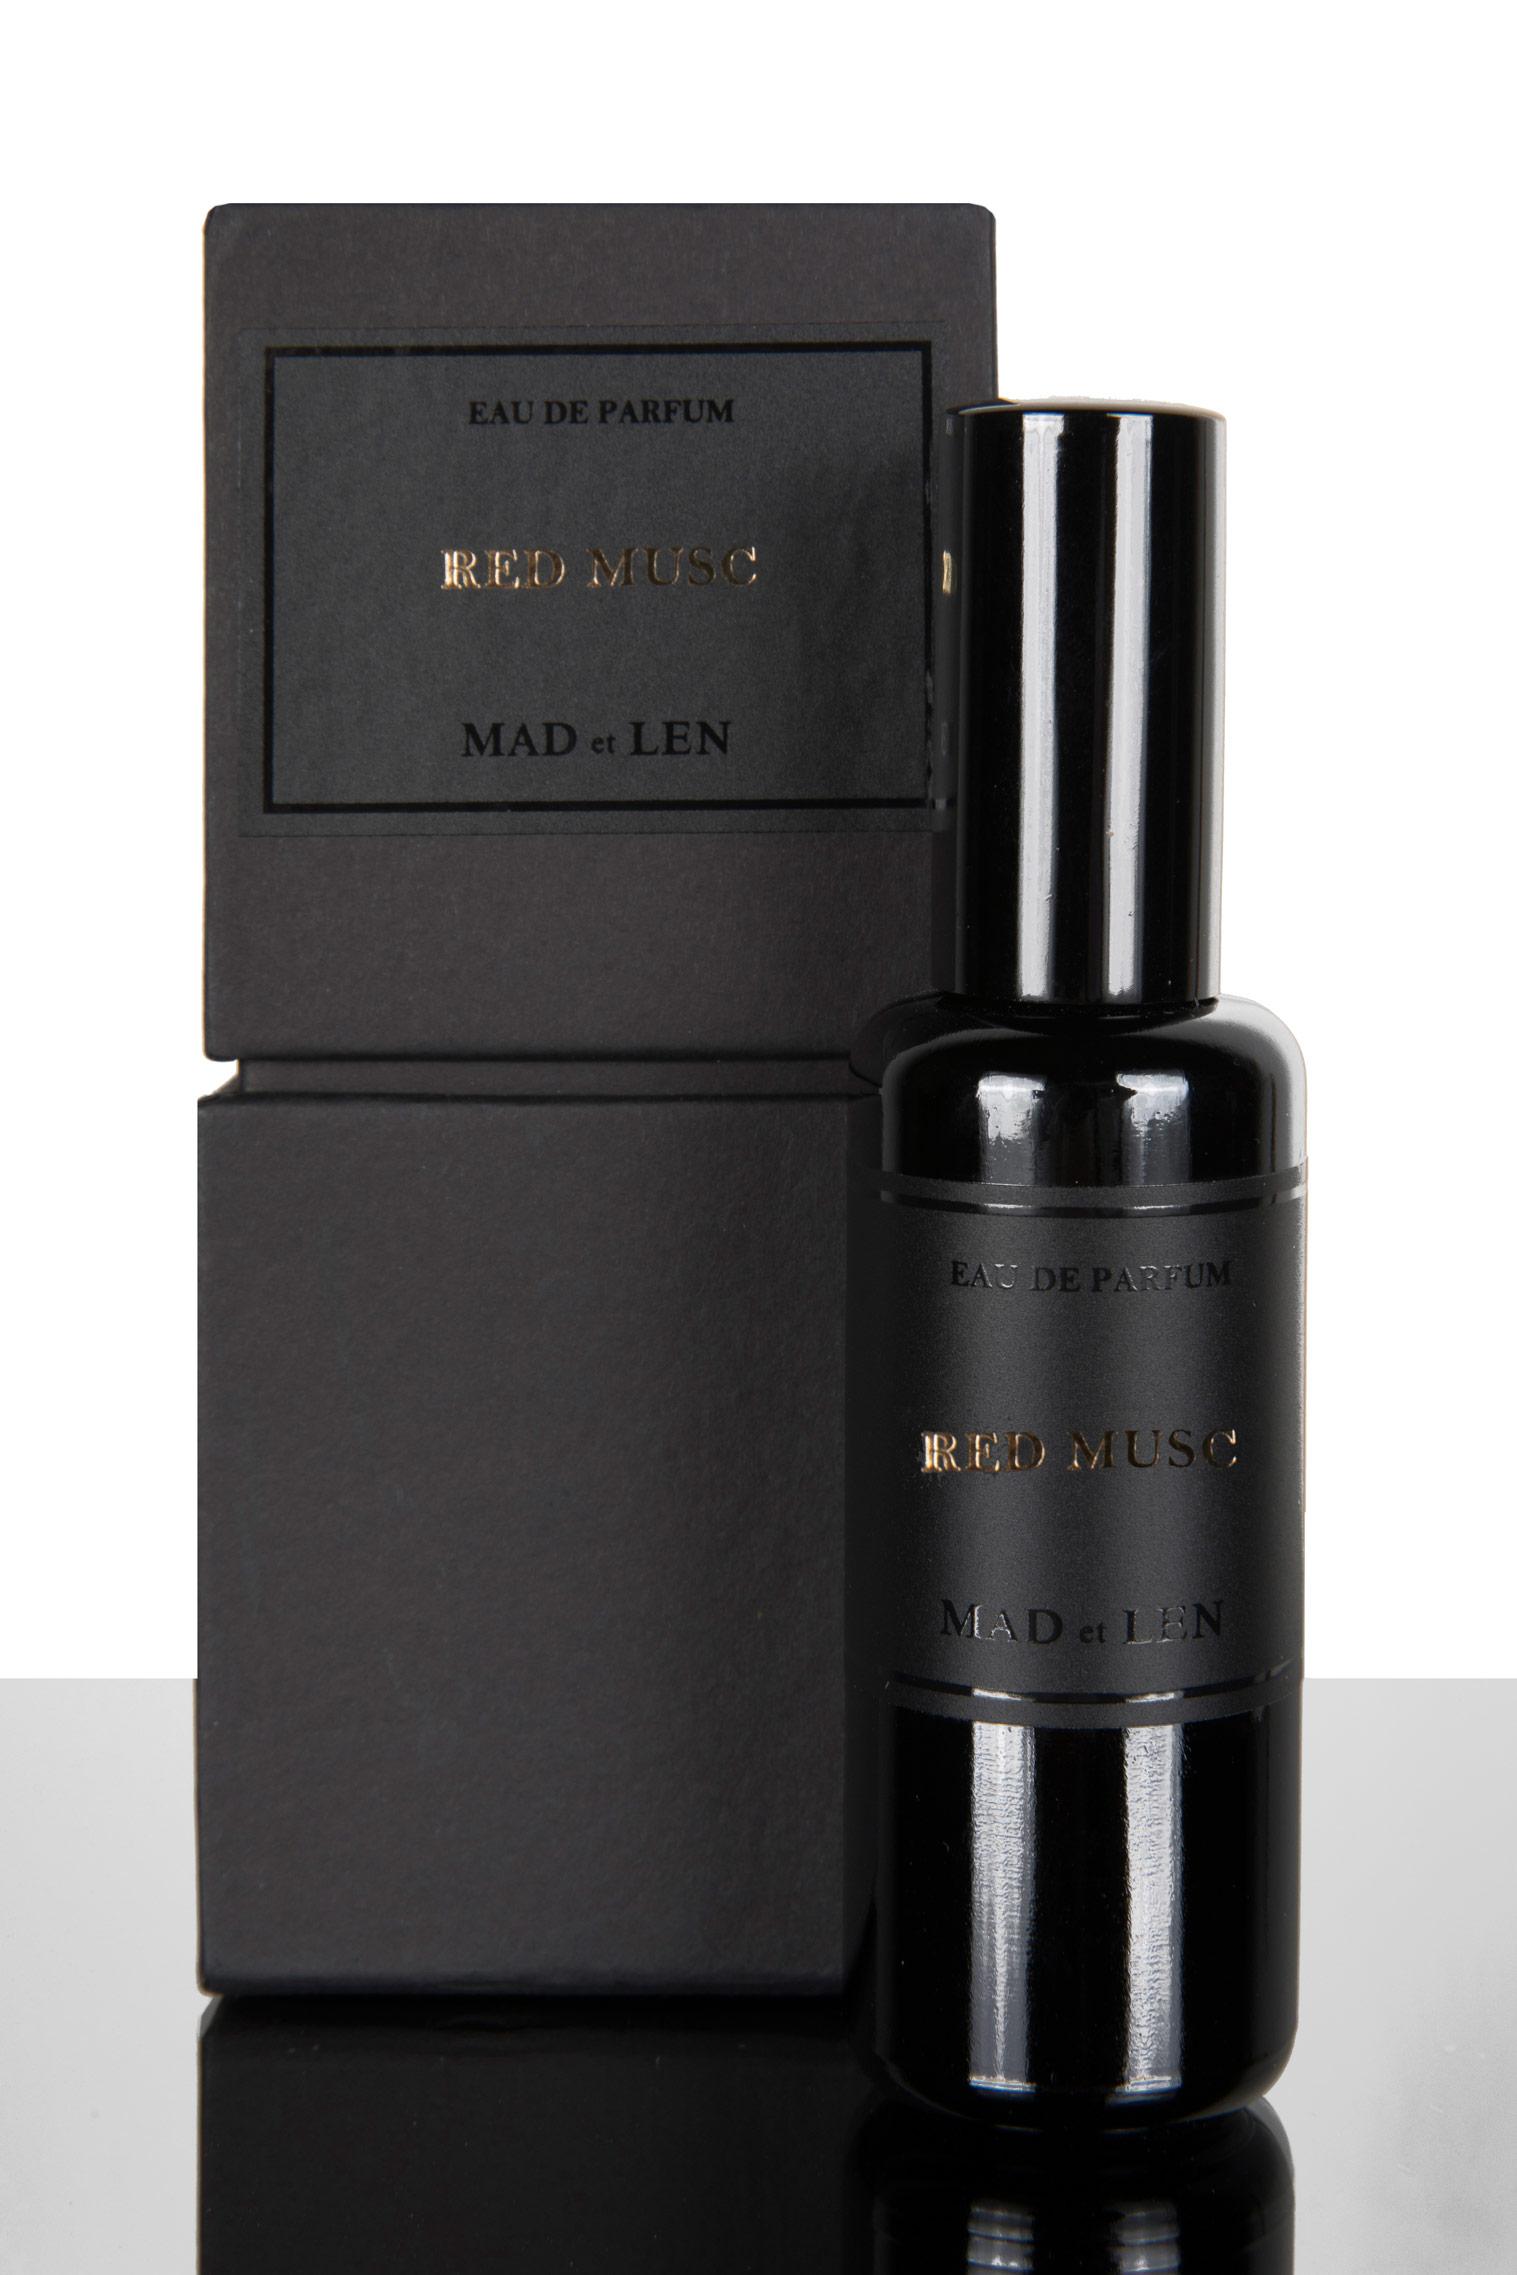 Design Len München mad et len eau de parfum 50ml endstation gallery